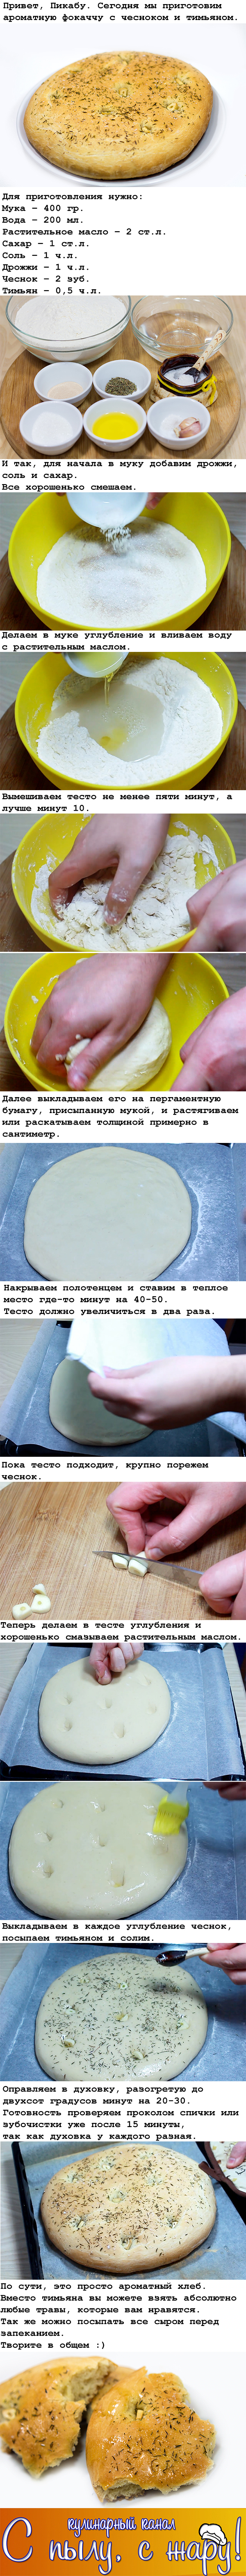 Фокачча в духовке еда, рецепт, кулинария, фокачча, хлеб, чеснок, с пылу с жару, длиннопост